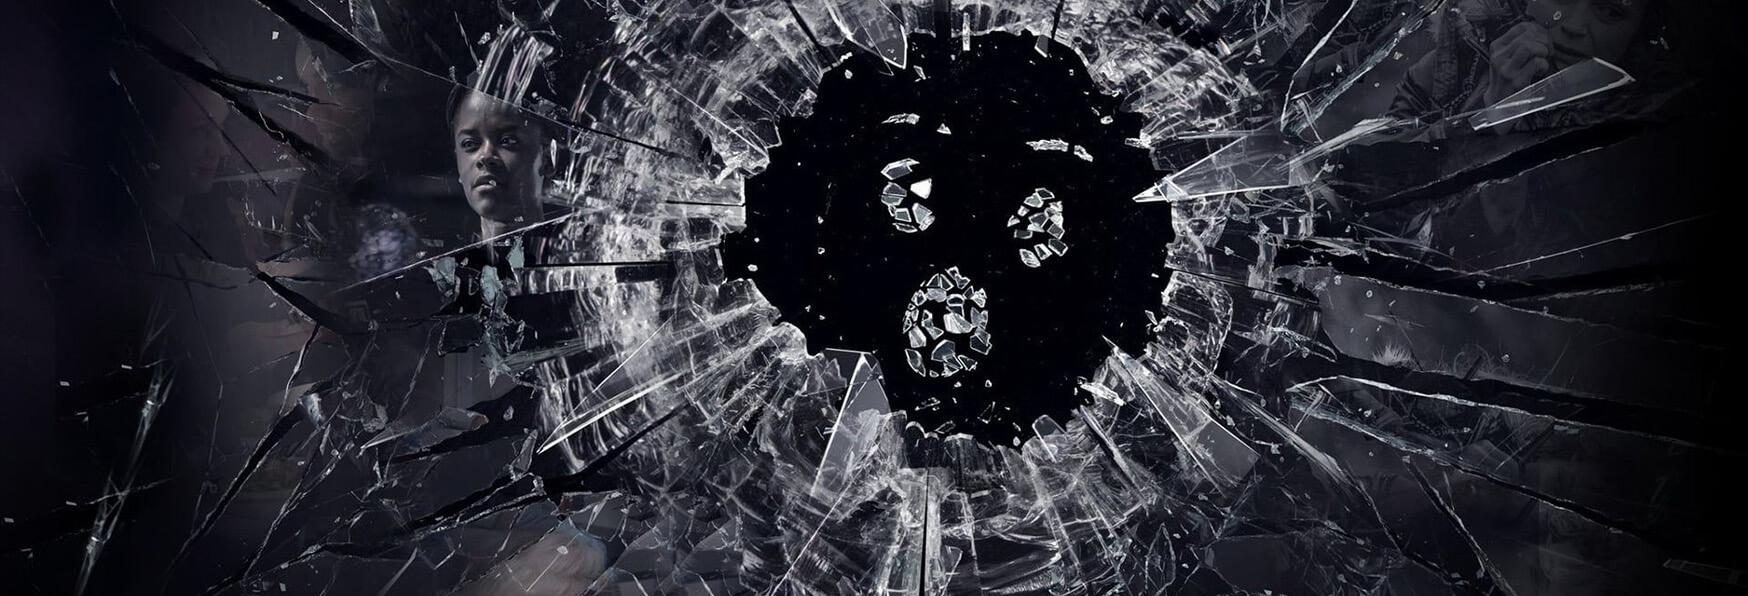 La 5° Stagione di Black Mirror è in arrivo su Netflix, con un Episodio Interattivo